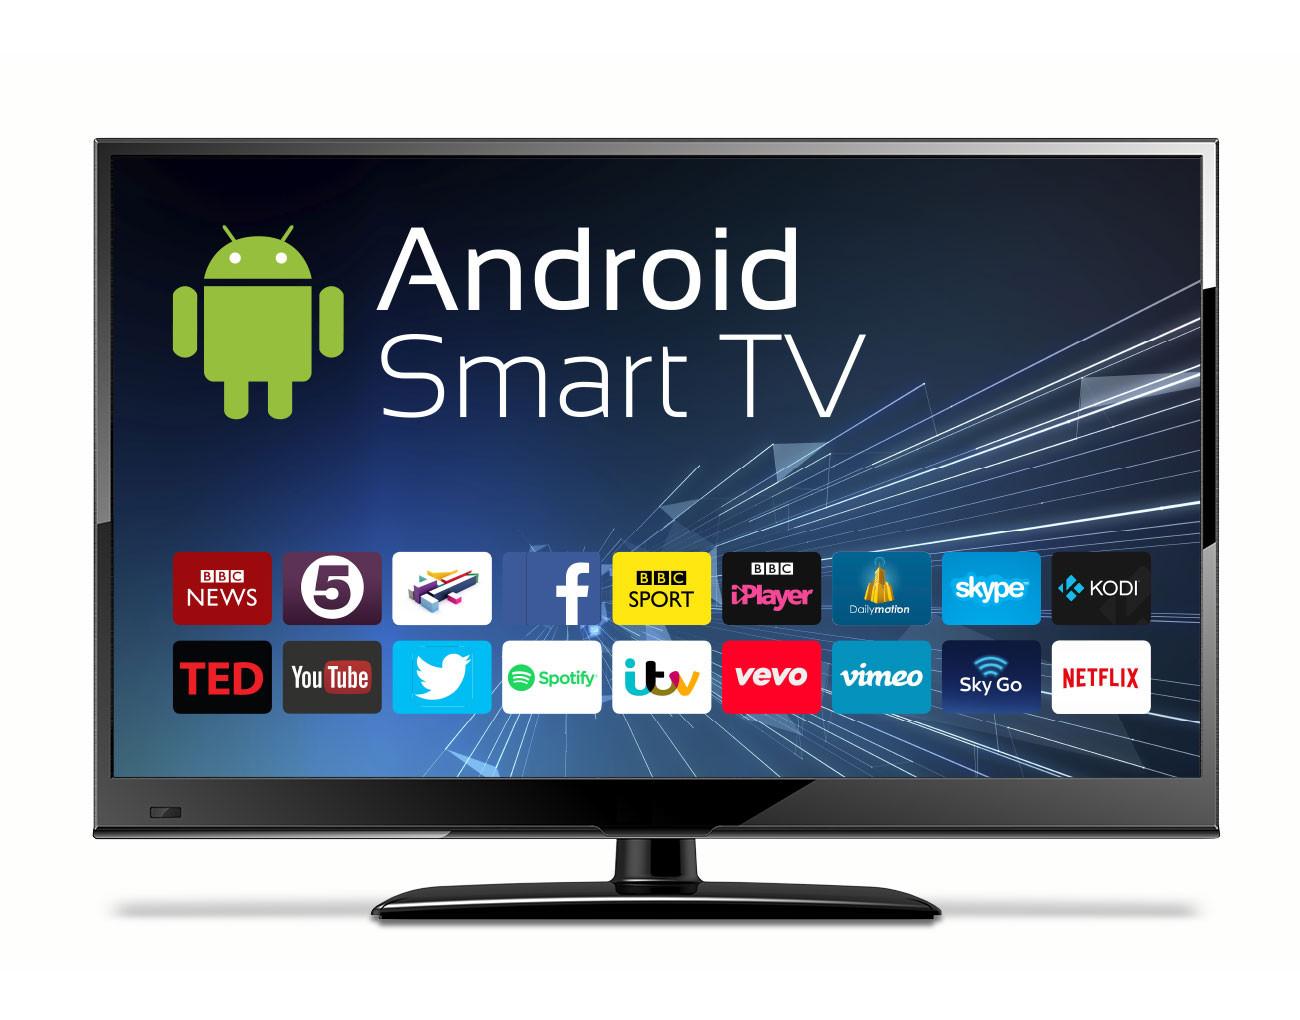 Problemas smart tv con la wifi, se pierde conexión wifi, se desconecta del wifi, no detecta wifi, solución para LG, Samsung, Philips, Hisense, Sony